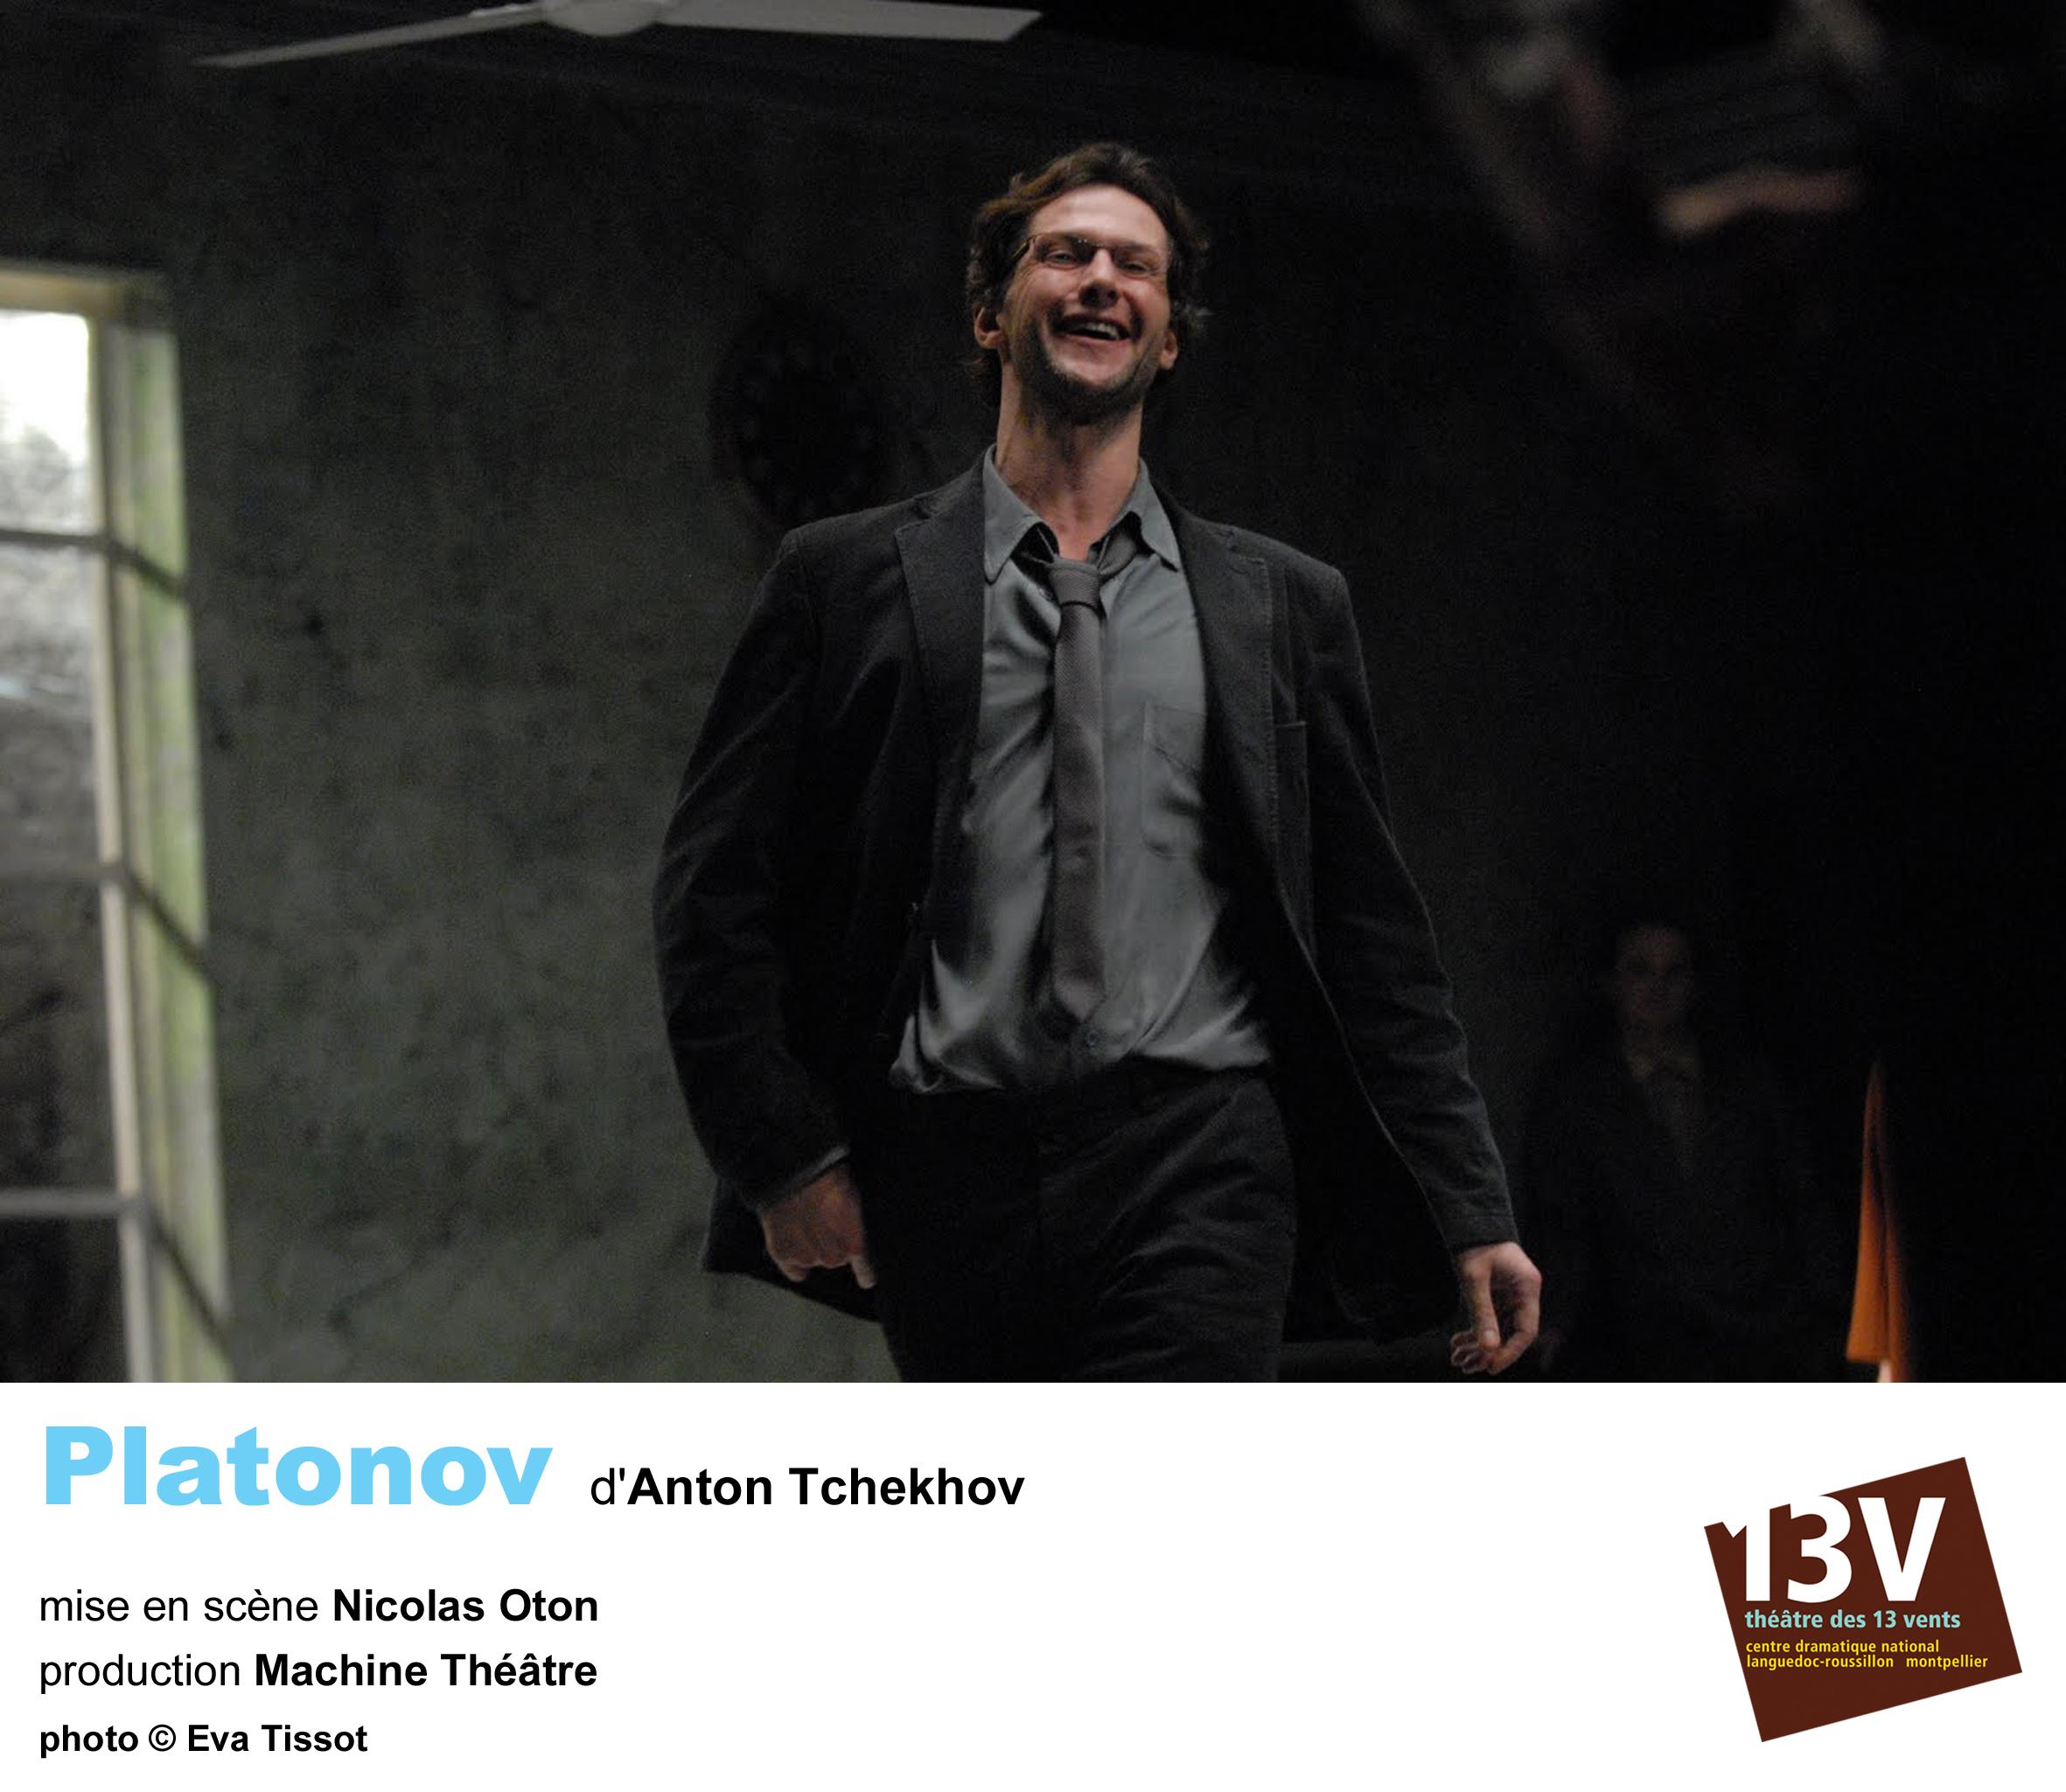 platonov Nicolas Oton